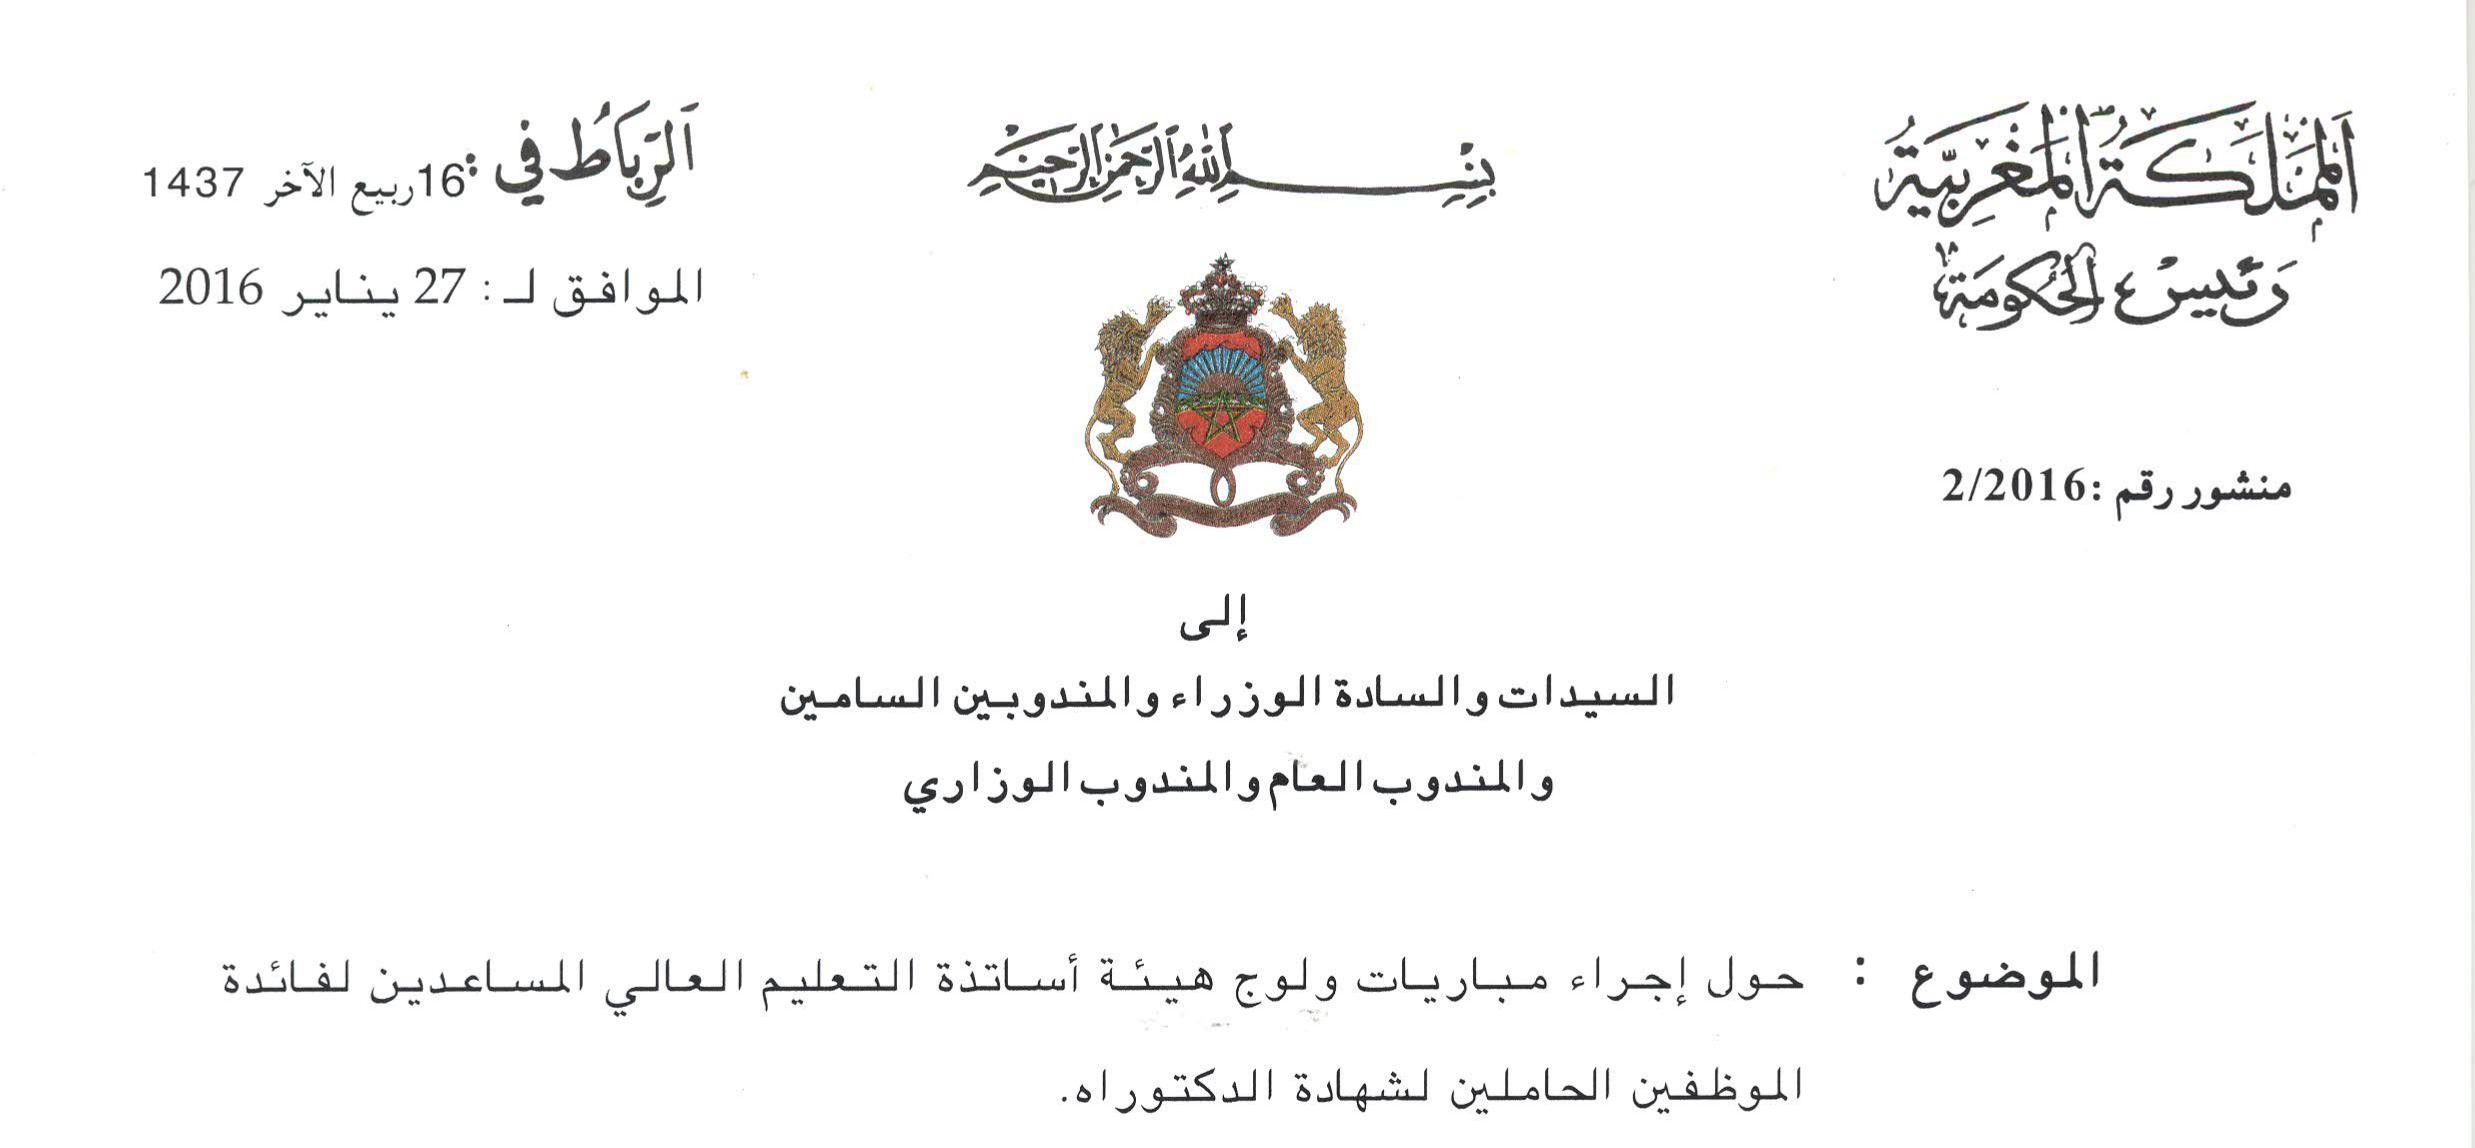 منشور رئيس الحكومة 2016/2 حول إجراء مباريات ولوج هيئة أساتذة التعليم العالي المساعدين لفائدة الموظفين الحاملين لشهادة الدكتوراه.